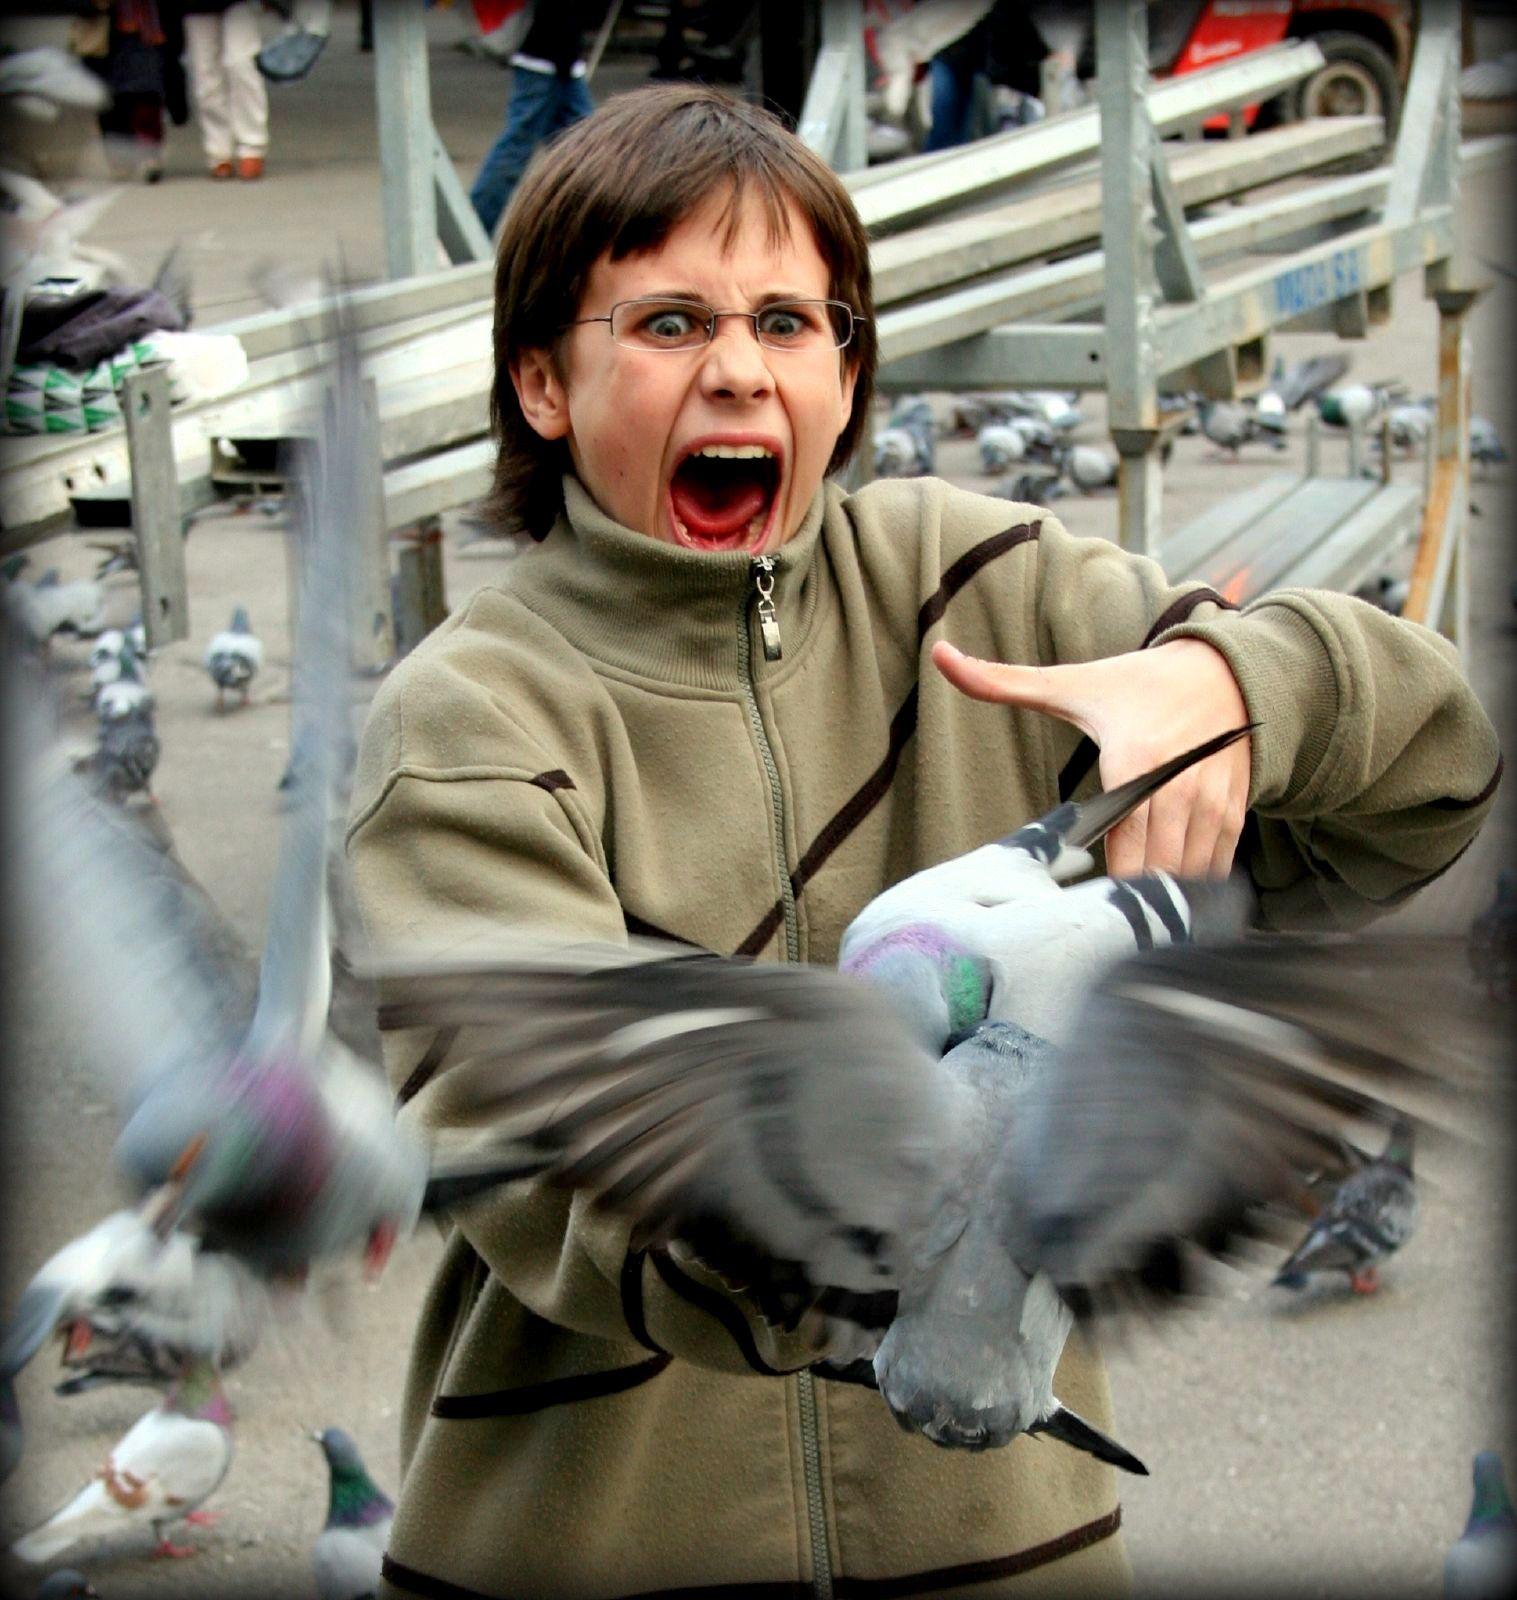 Als je langs een groepje duiven loopt schrik je je altijd een ongeluk